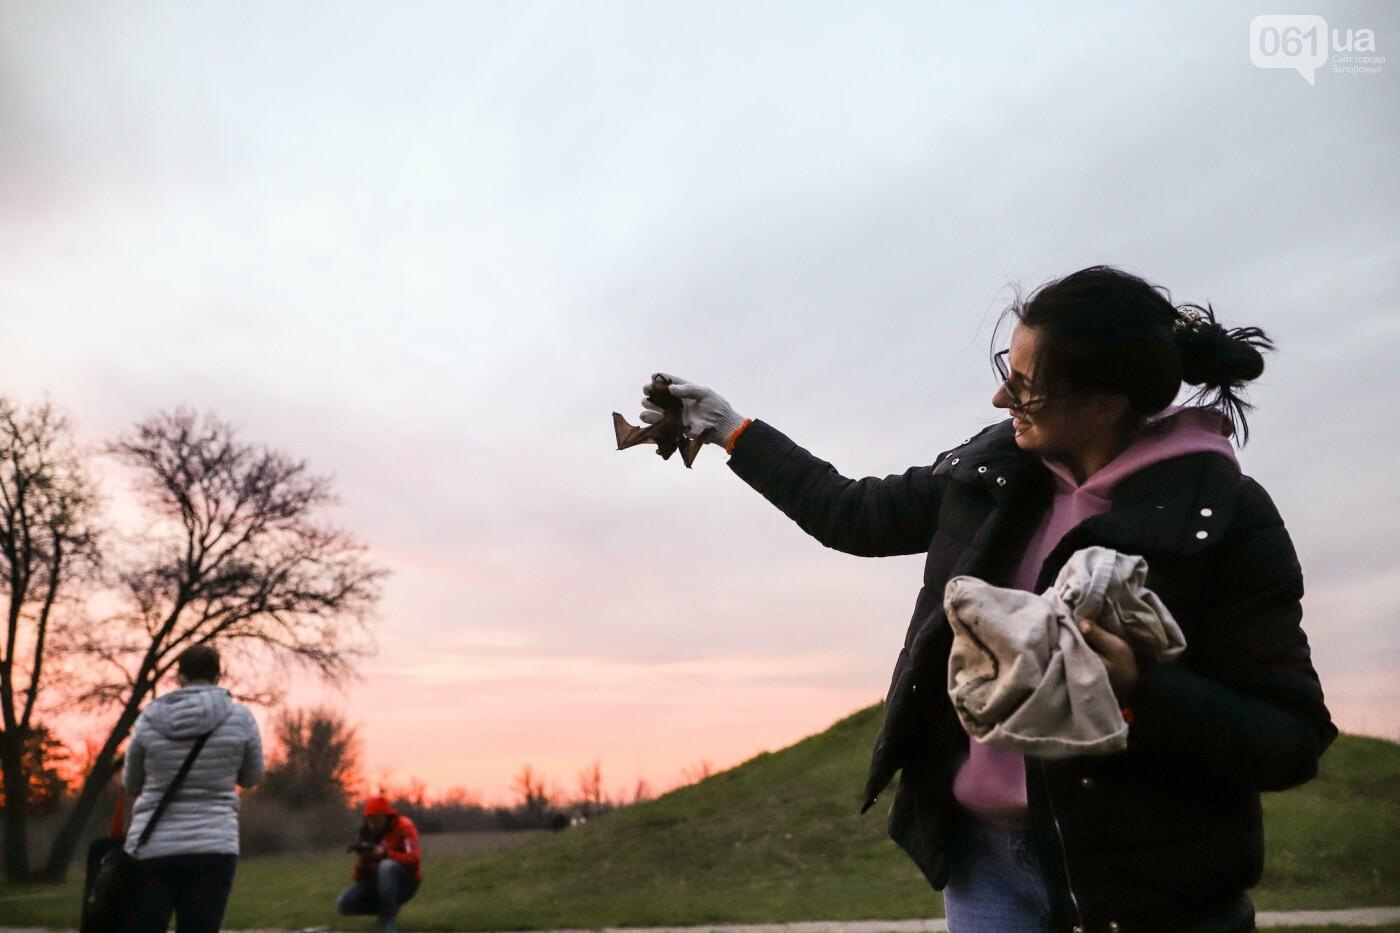 На Хортице выпустили более 700 летучих мышей, спасенных волонтерами, - ФОТОРЕПОРТАЖ, фото-22